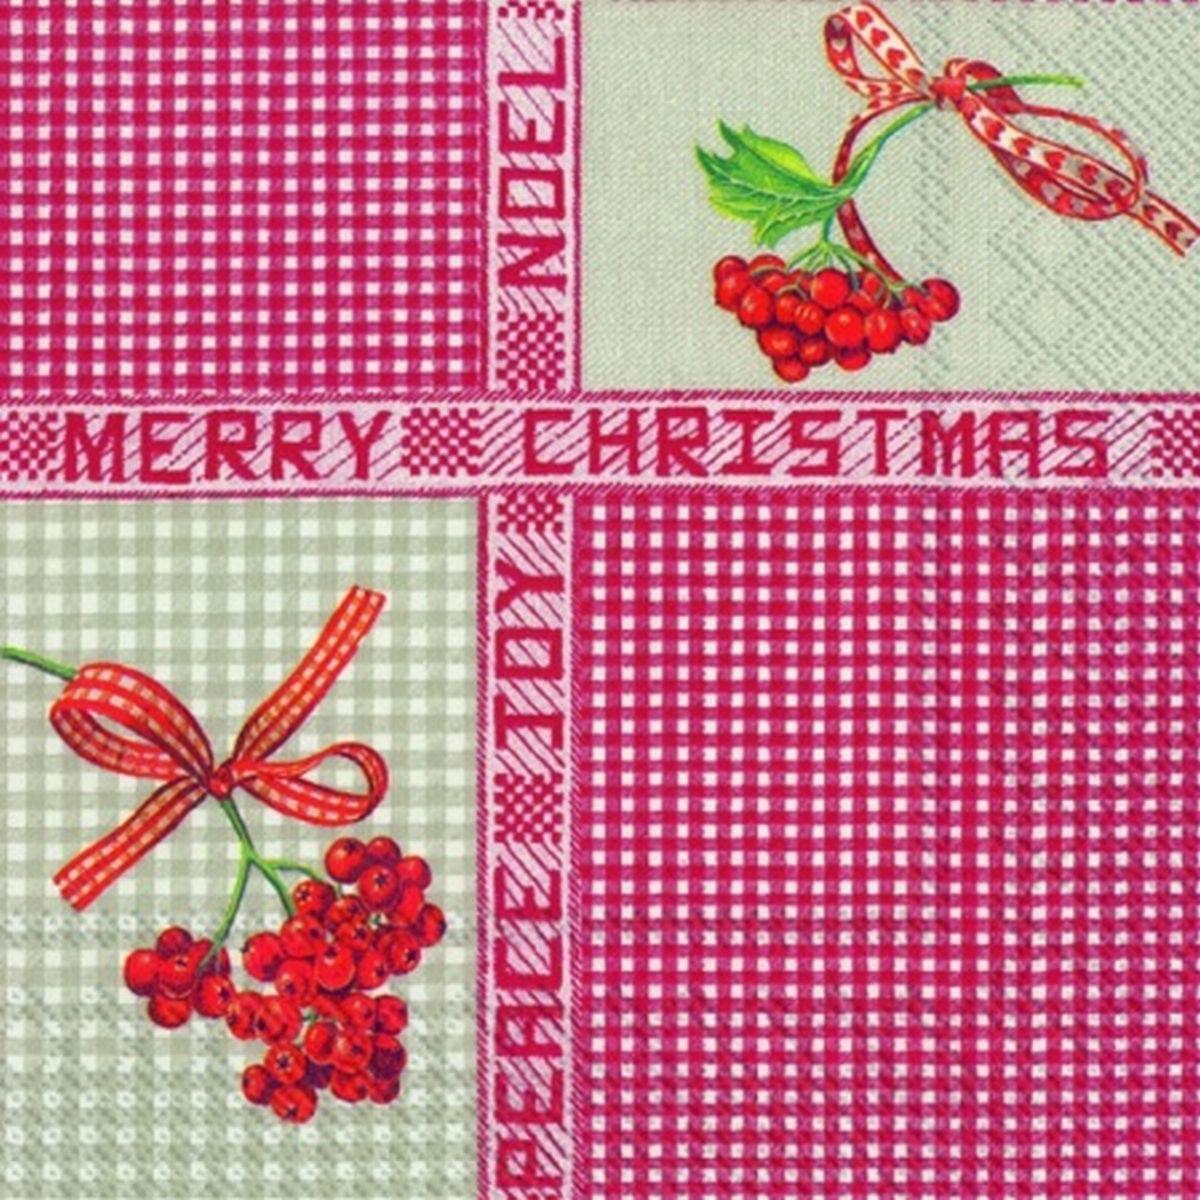 Servetele Decorative Din Hartie Cu Craciun 25 Cm